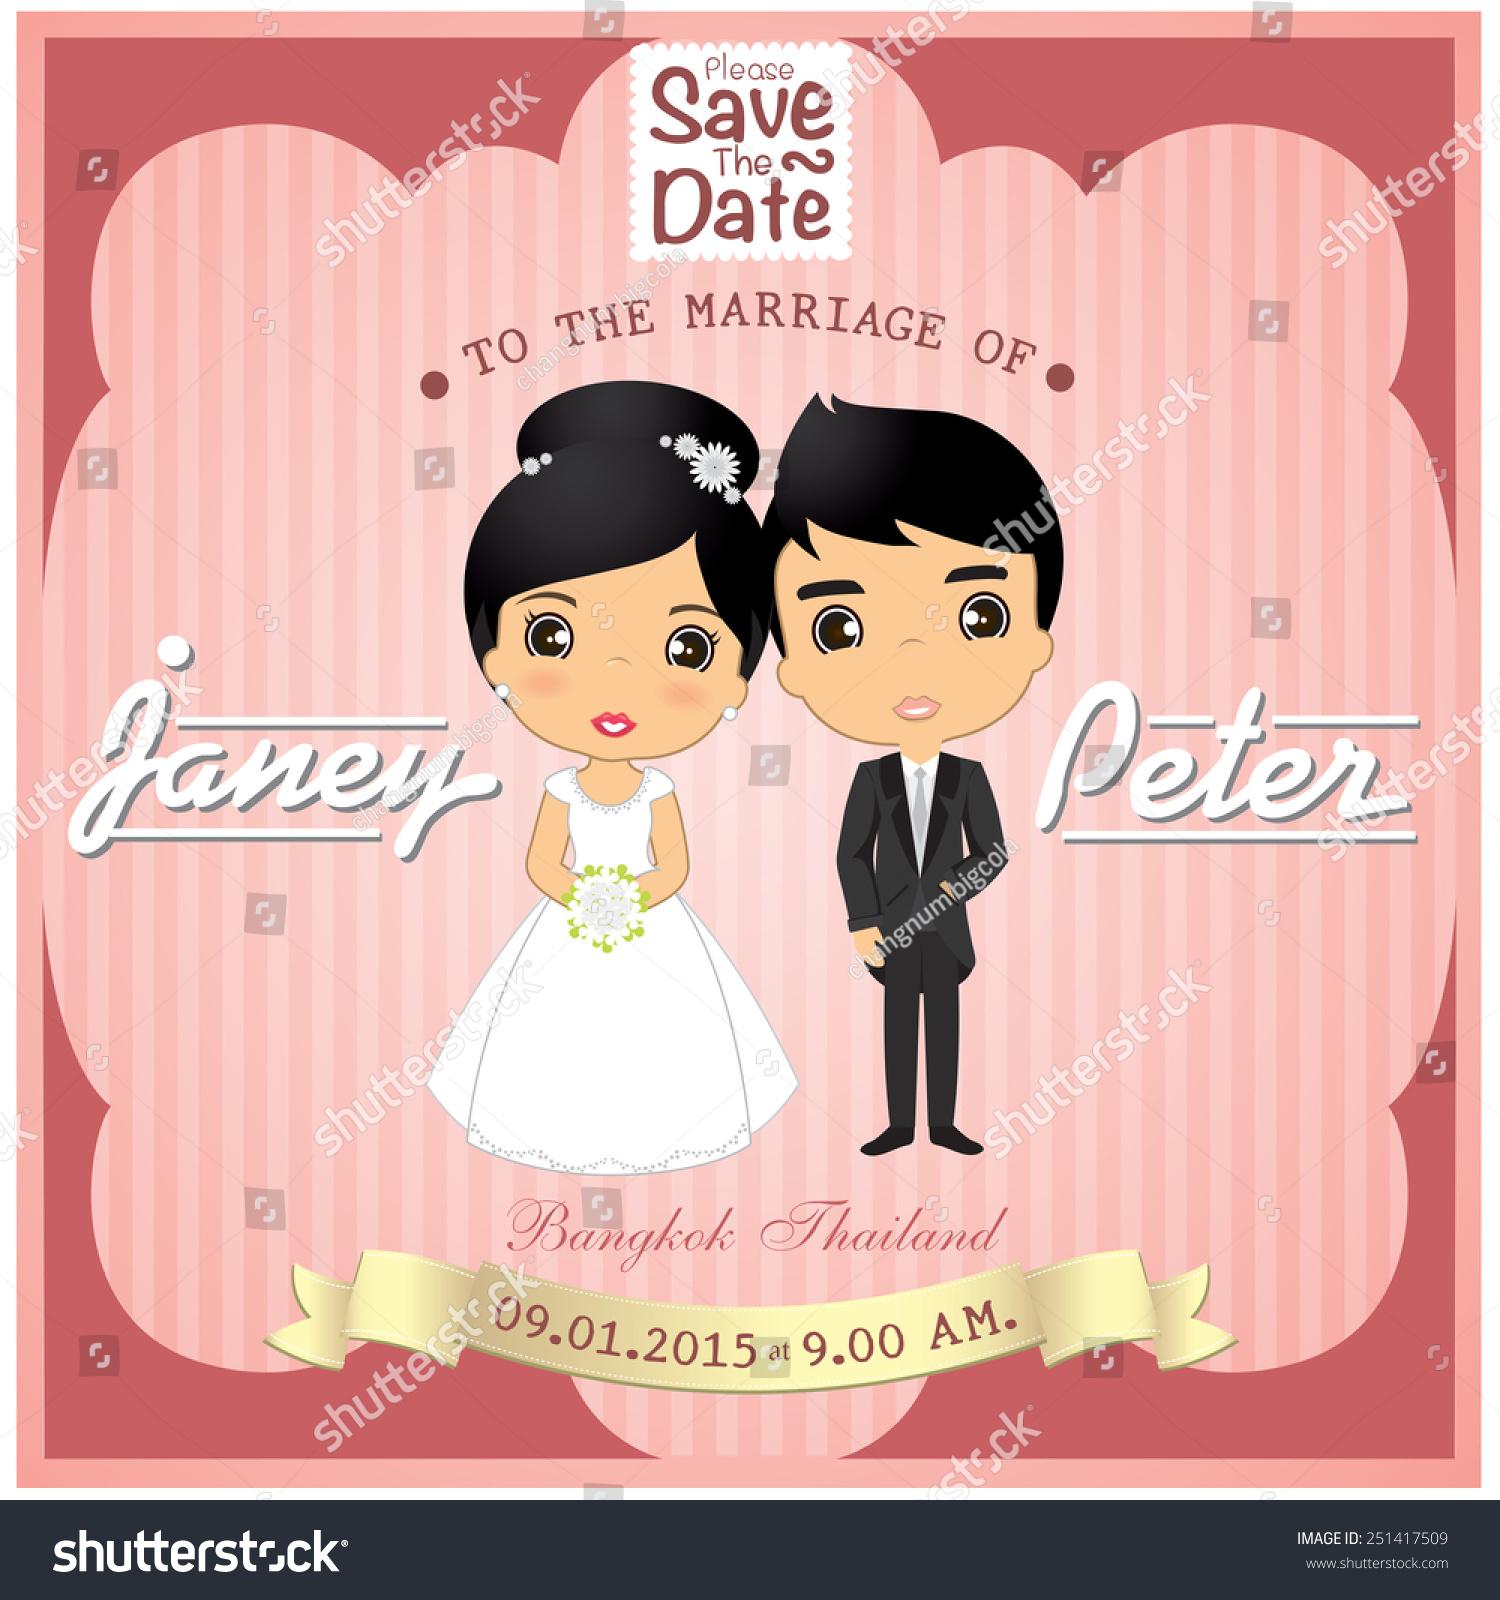 Wedding Card Vector Cartoon Bride Groom Stock Vector HD (Royalty ...